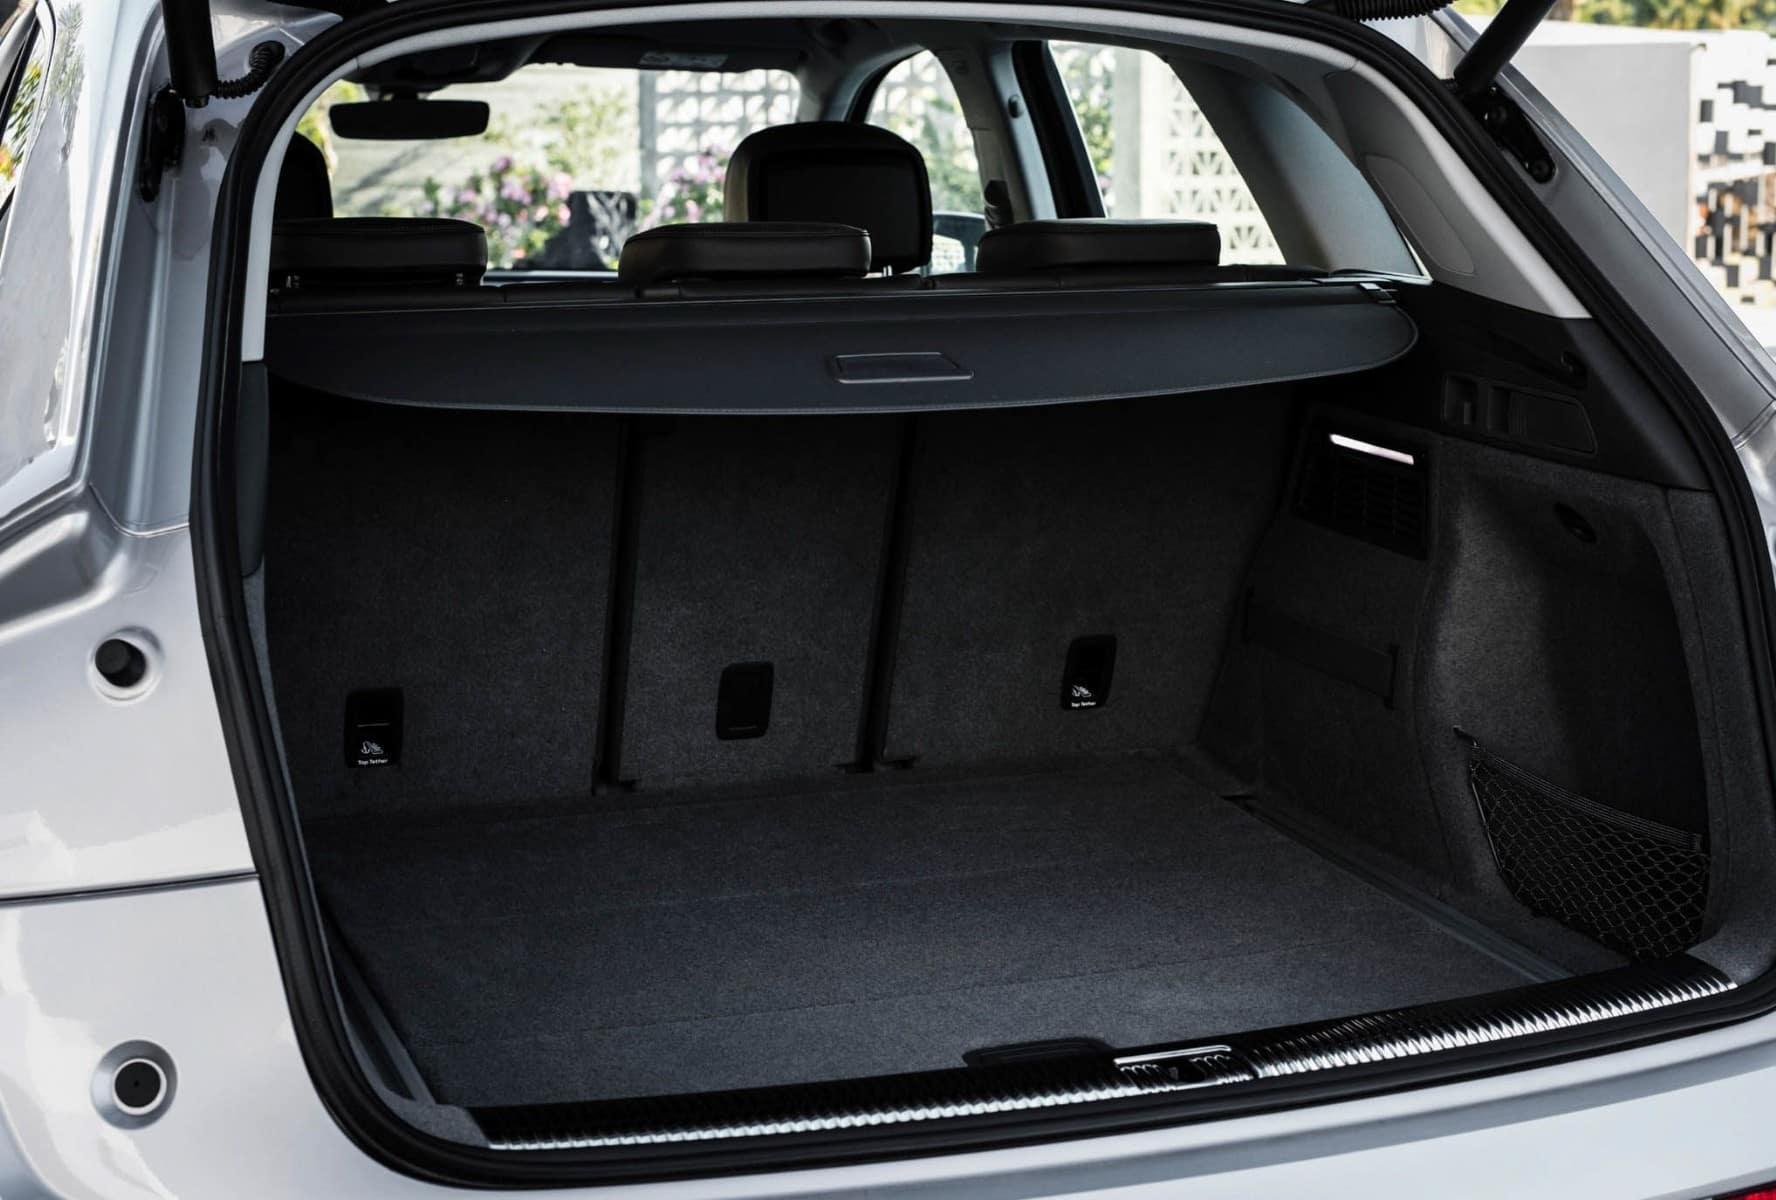 2019 Audi Q5 Cargo Space